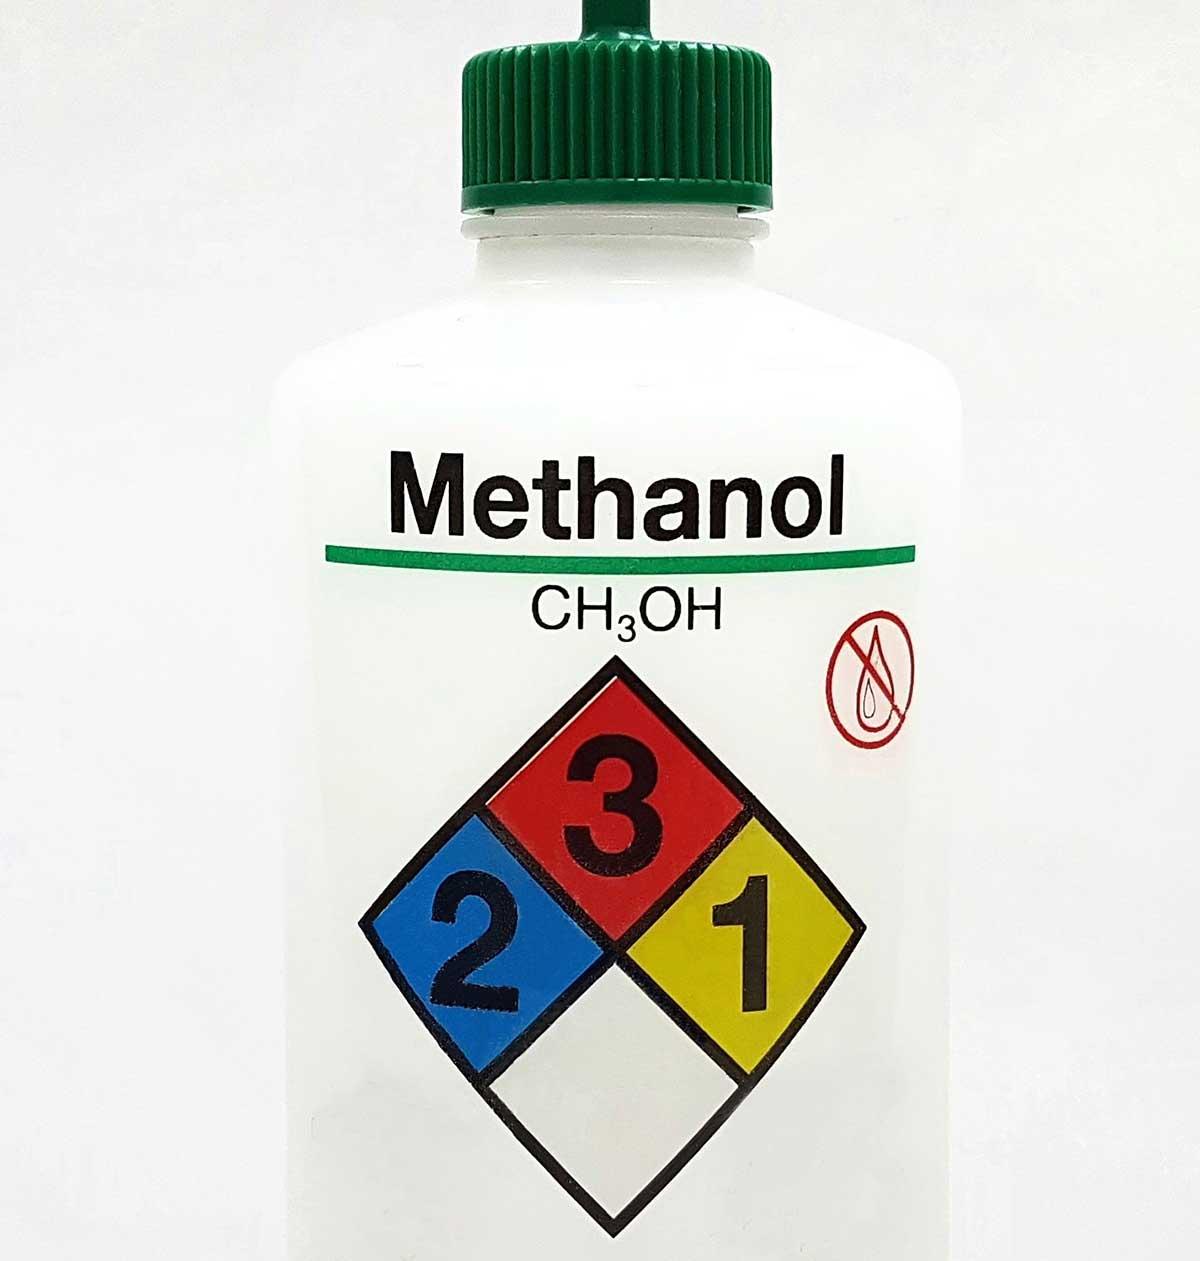 ứng dụng cồn công nghiệp methanol